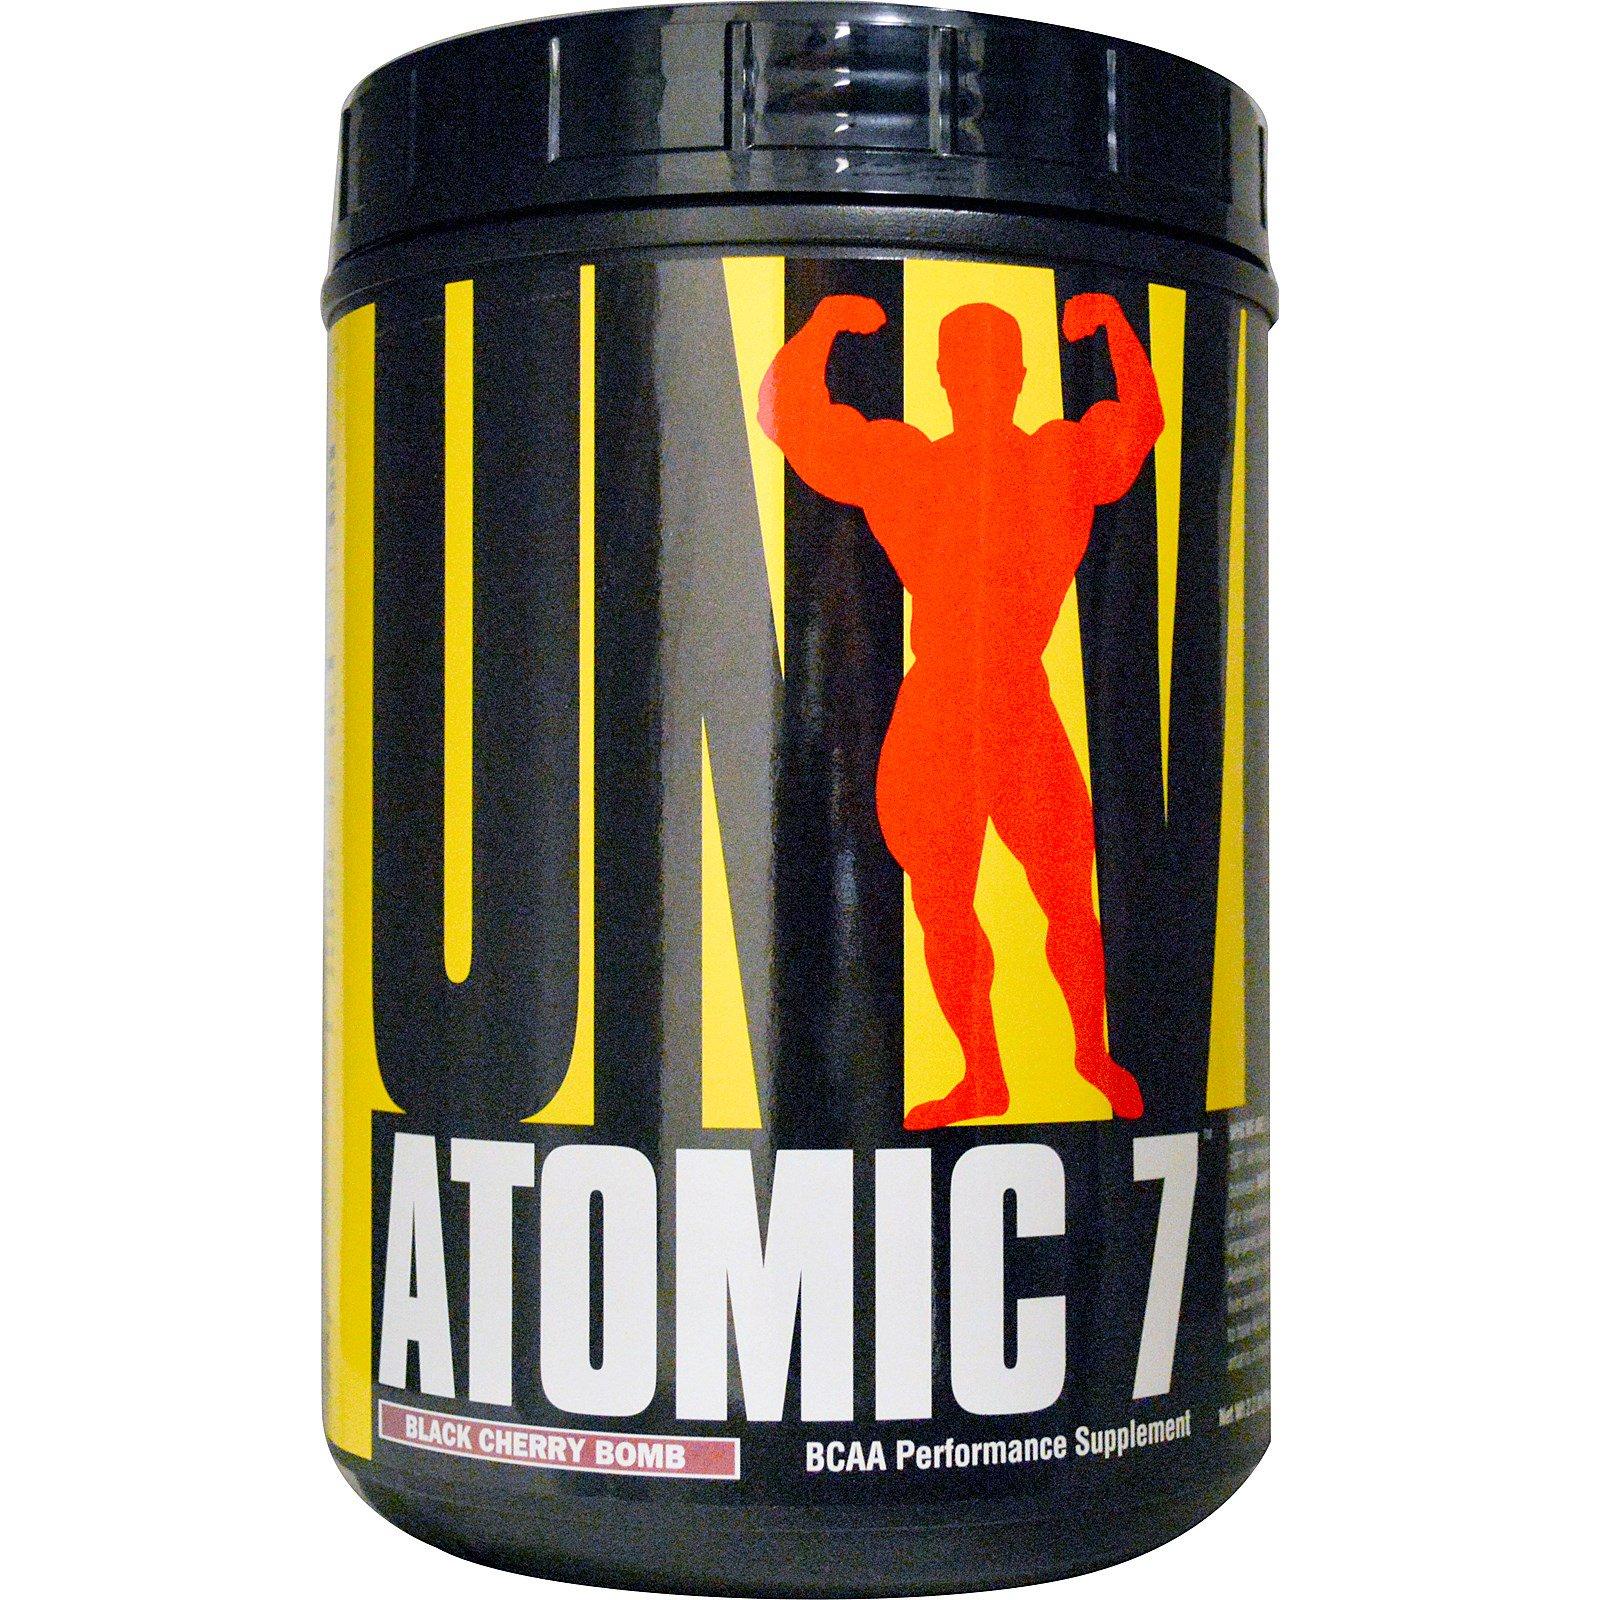 유니버셜뉴트리션 아토믹 7 BCAA 퍼포먼스 서플먼트, 1kg, Black Cherry Bomb